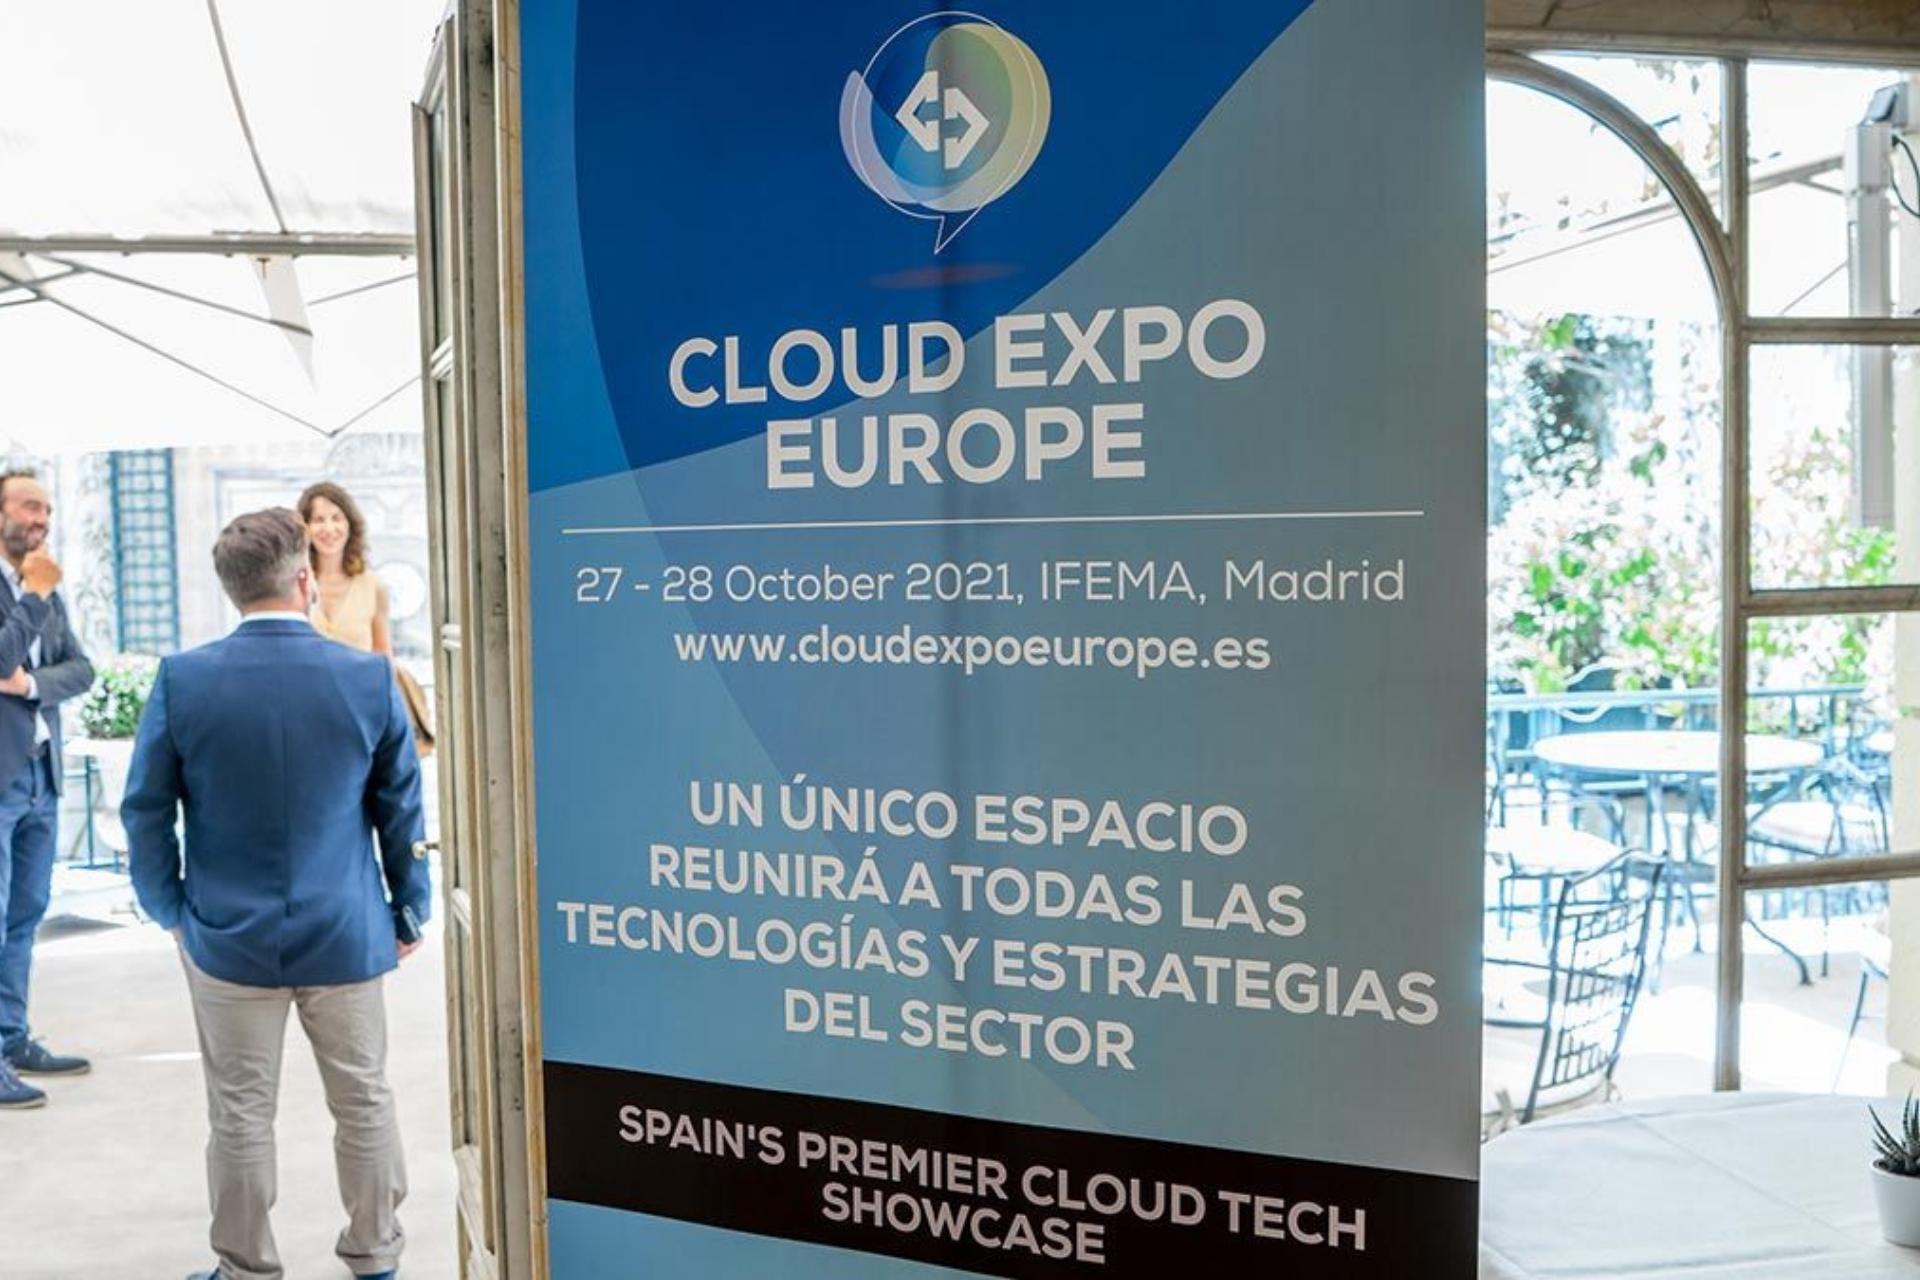 Whitepapers: situación del sector cloud, ciberseguridad, datacentre y Big Data & IA en España y perspectiva de futuro